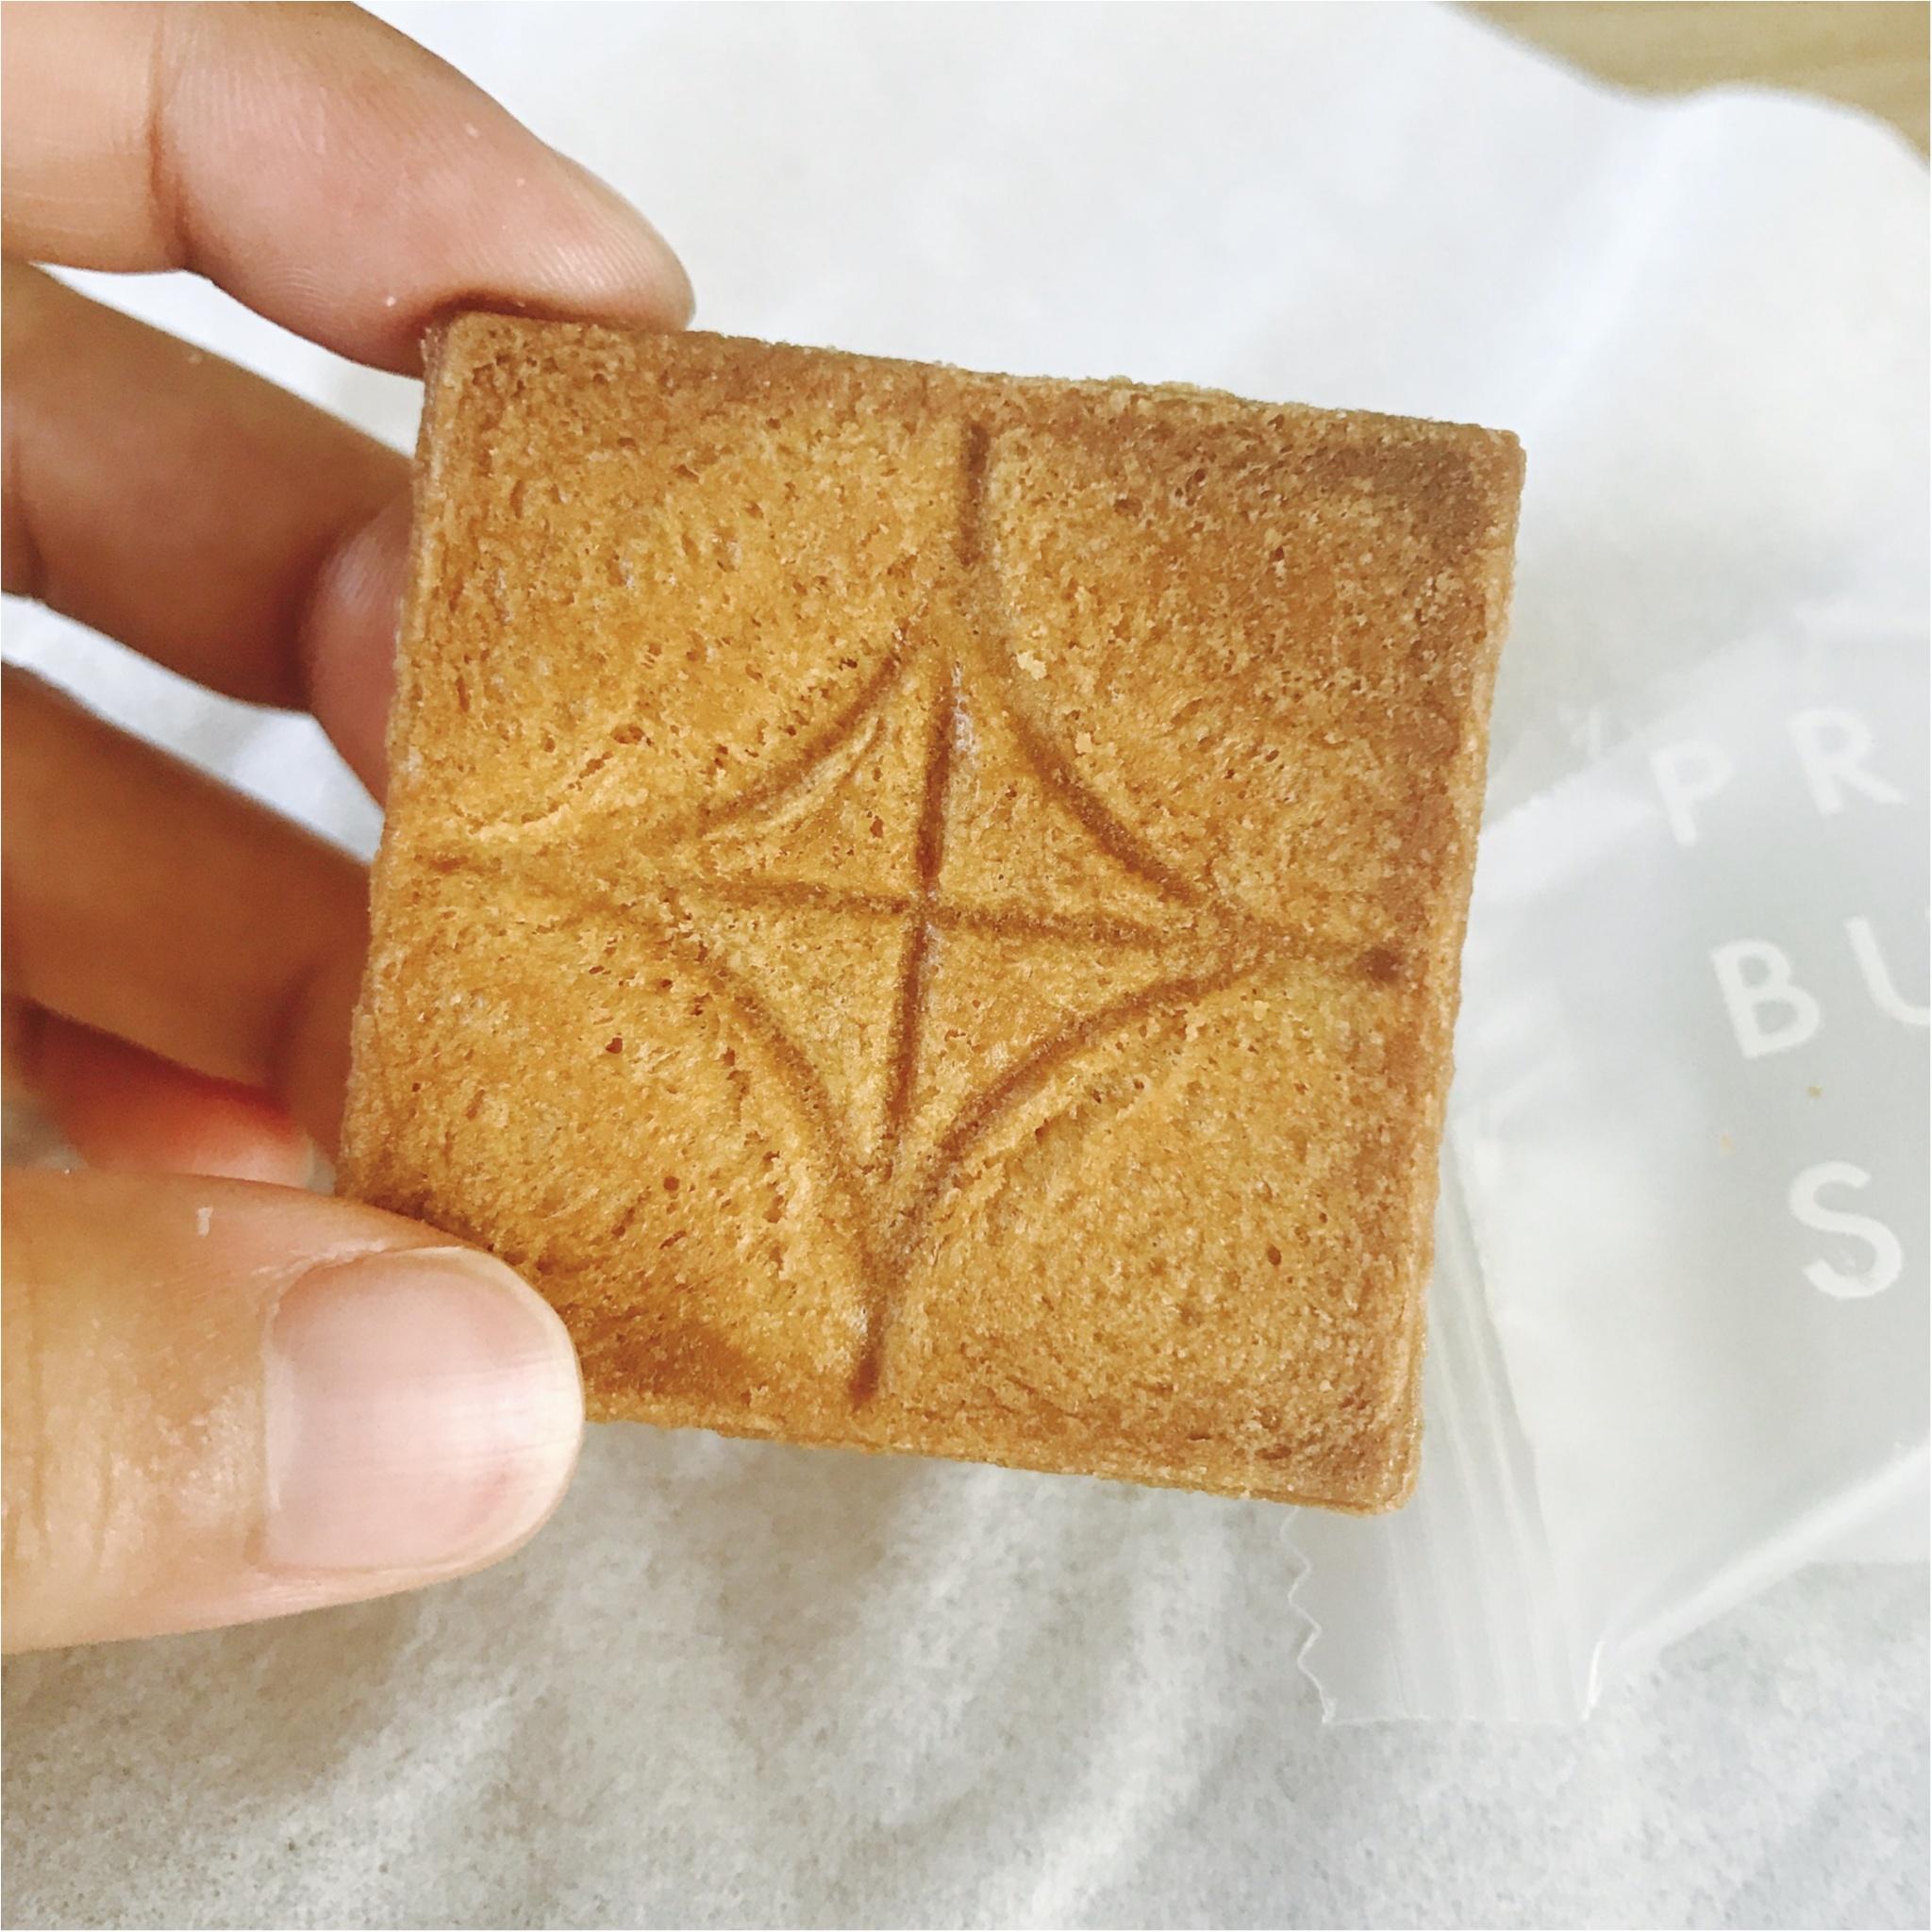 【おしゃれ手土産】味も見た目も完璧なバターサンド♡_3